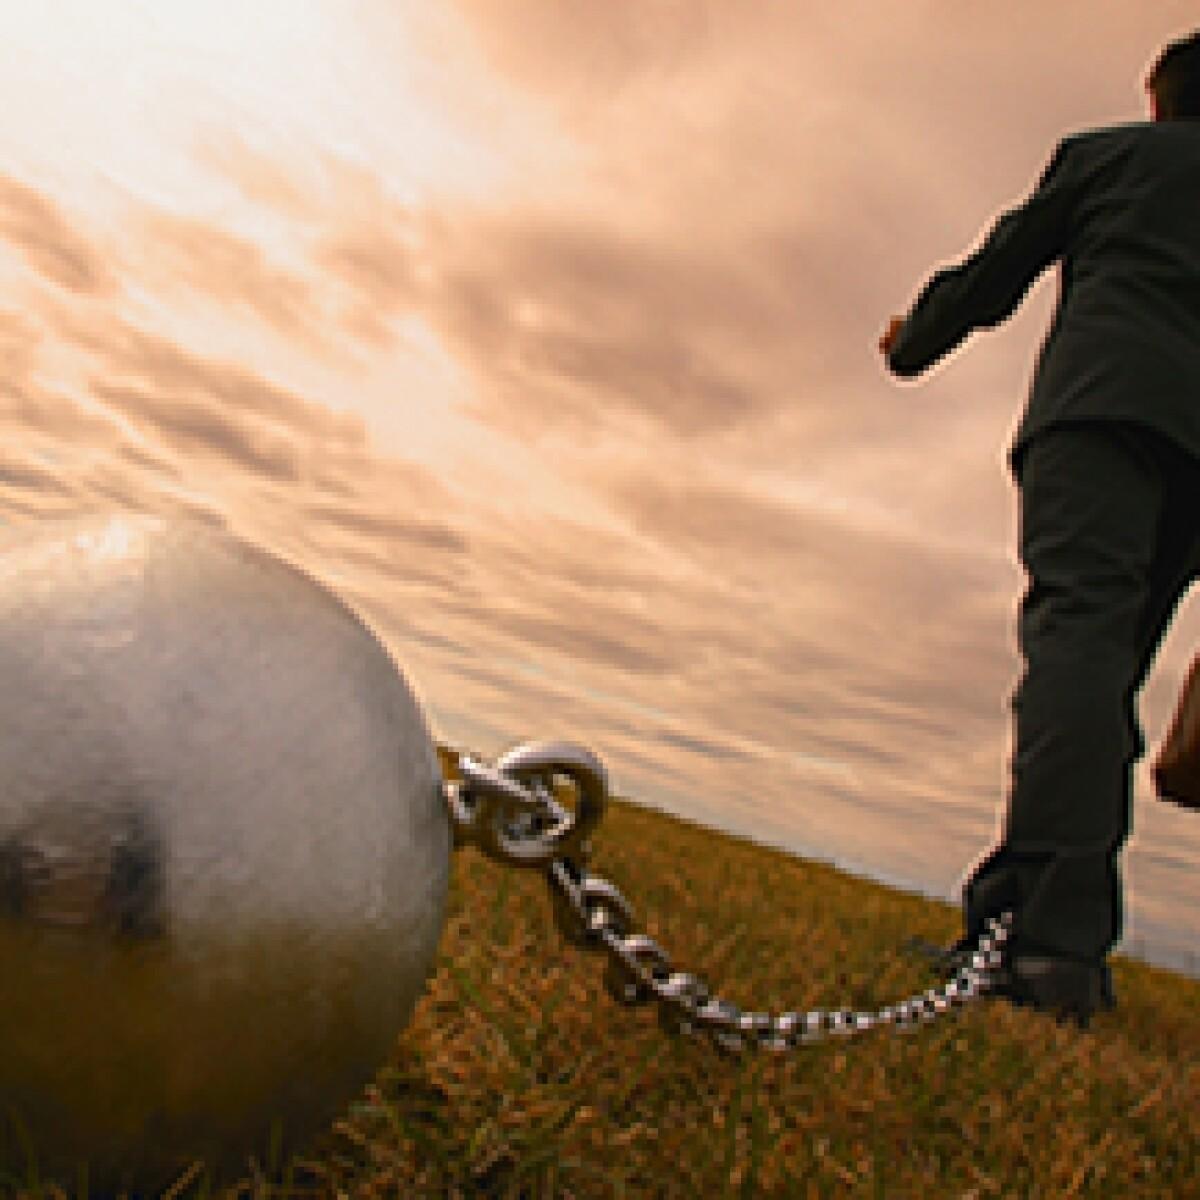 De empleado a emprendedor, ¿cuándo dar el brinco?